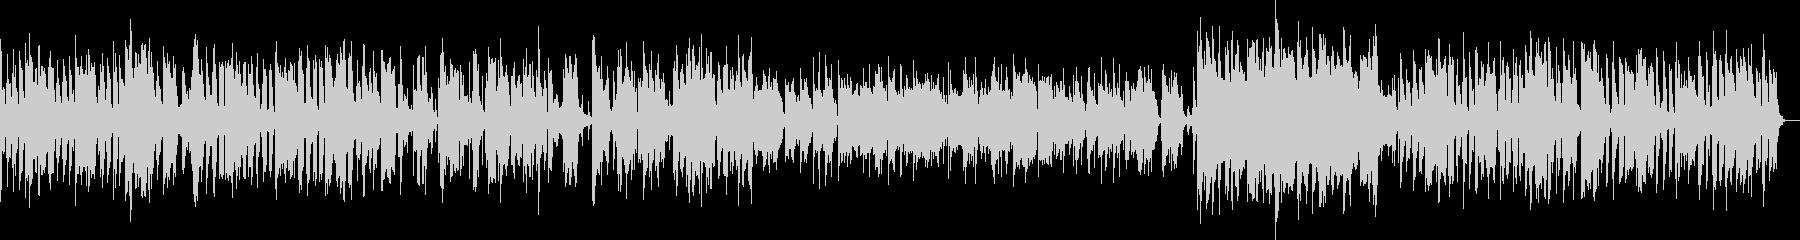 だらしない感じのトロンボーン(ジャズ)の未再生の波形